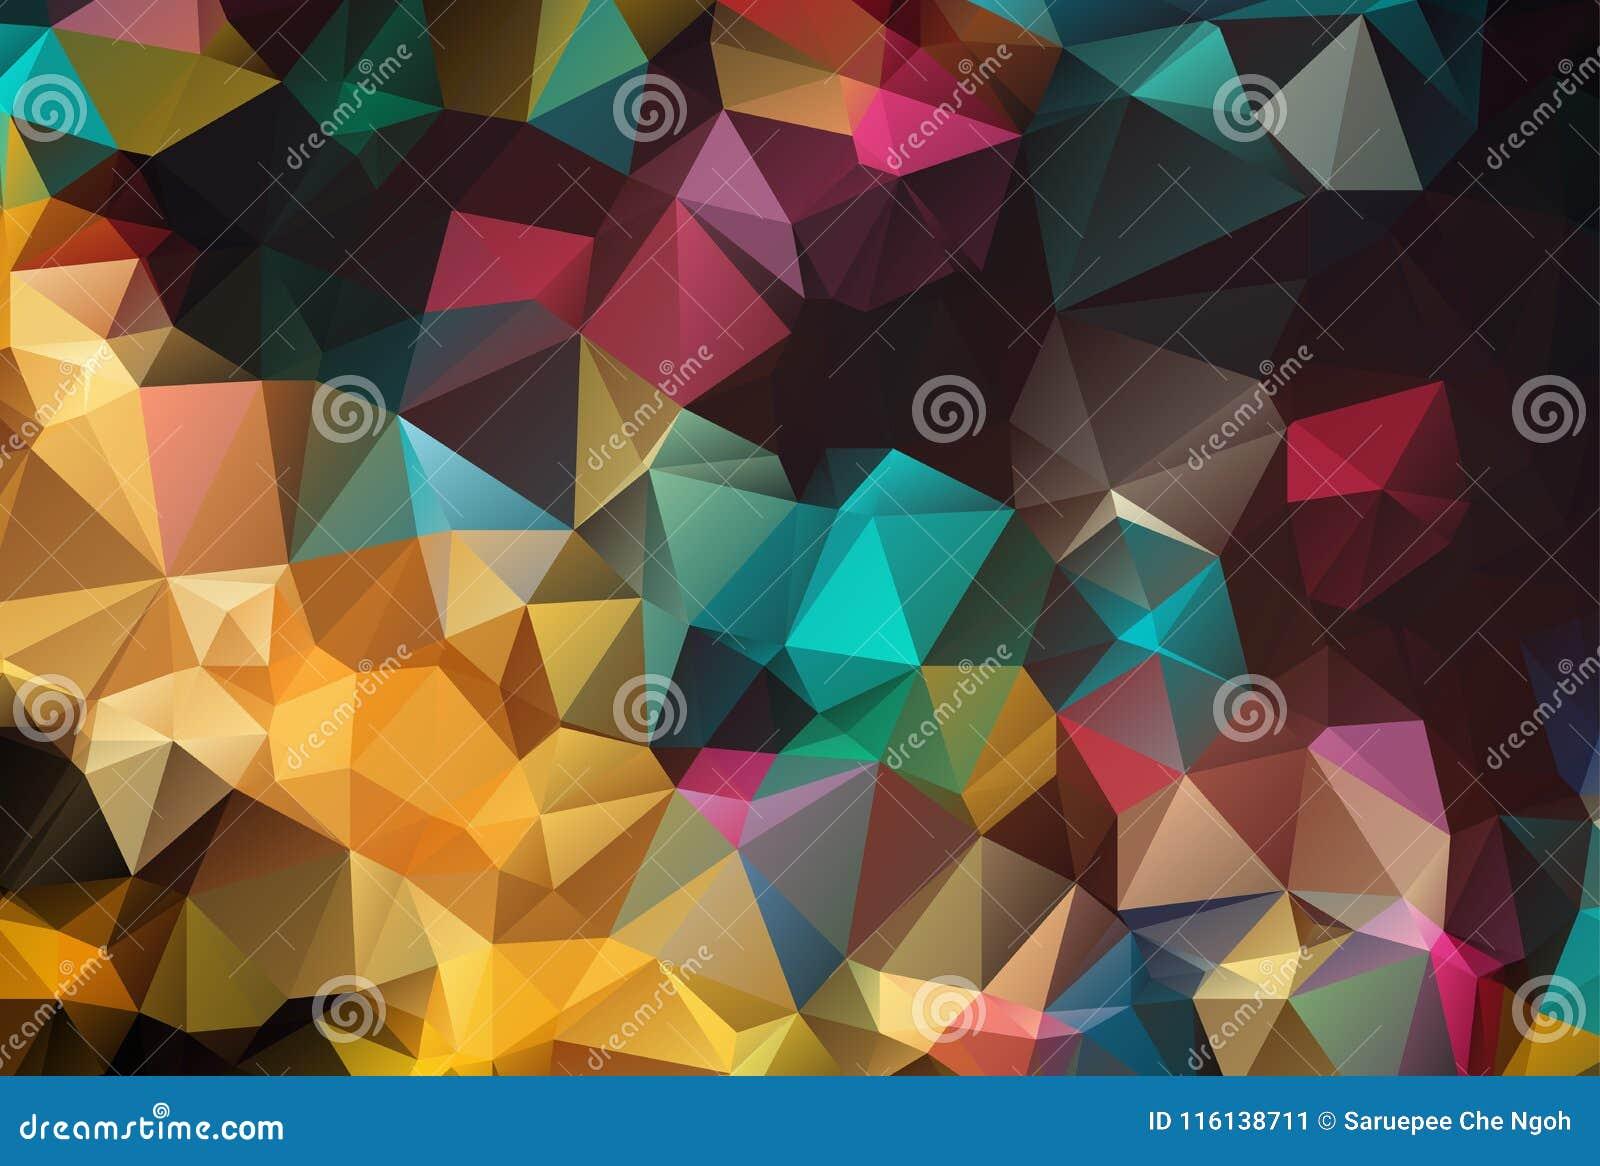 Αφηρημένο γεωμετρικό υπόβαθρο με τα πολύγωνα Σύνθεση γραφικής παράστασης πληροφοριών με τις γεωμετρικές μορφές Αναδρομικό σχέδιο